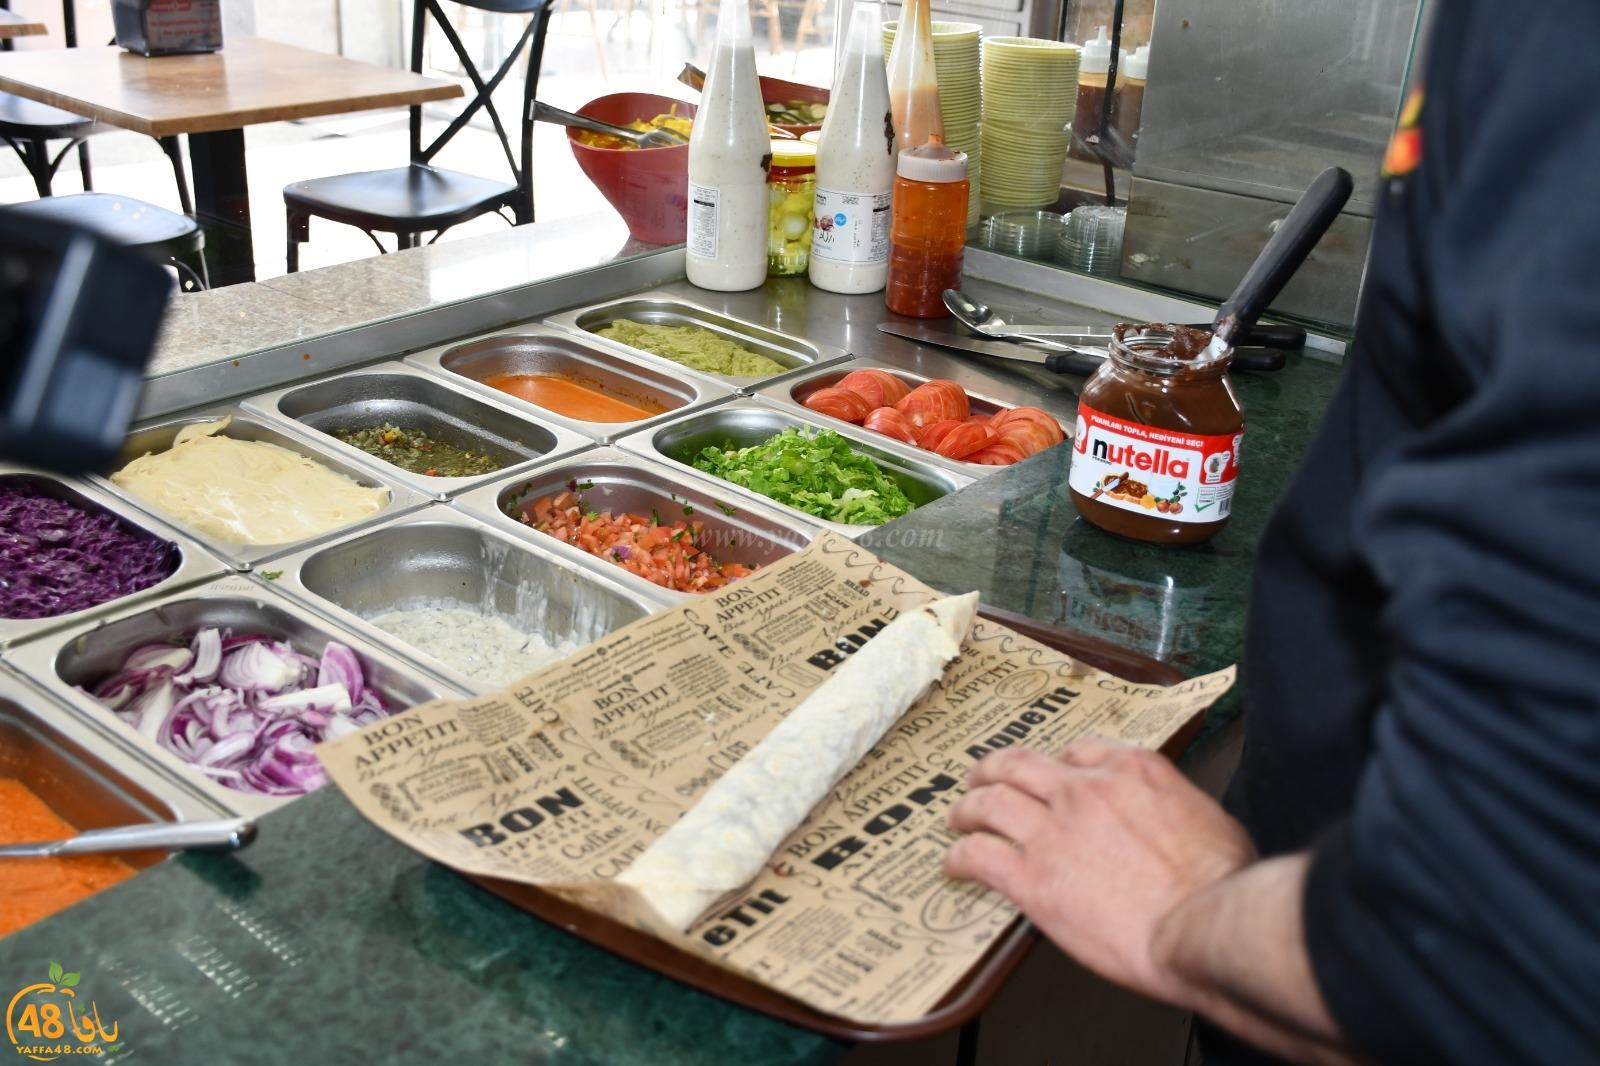 يافا: وجبات سريعة وساندويشات شهية للسحور في مطعم بالي بجيت